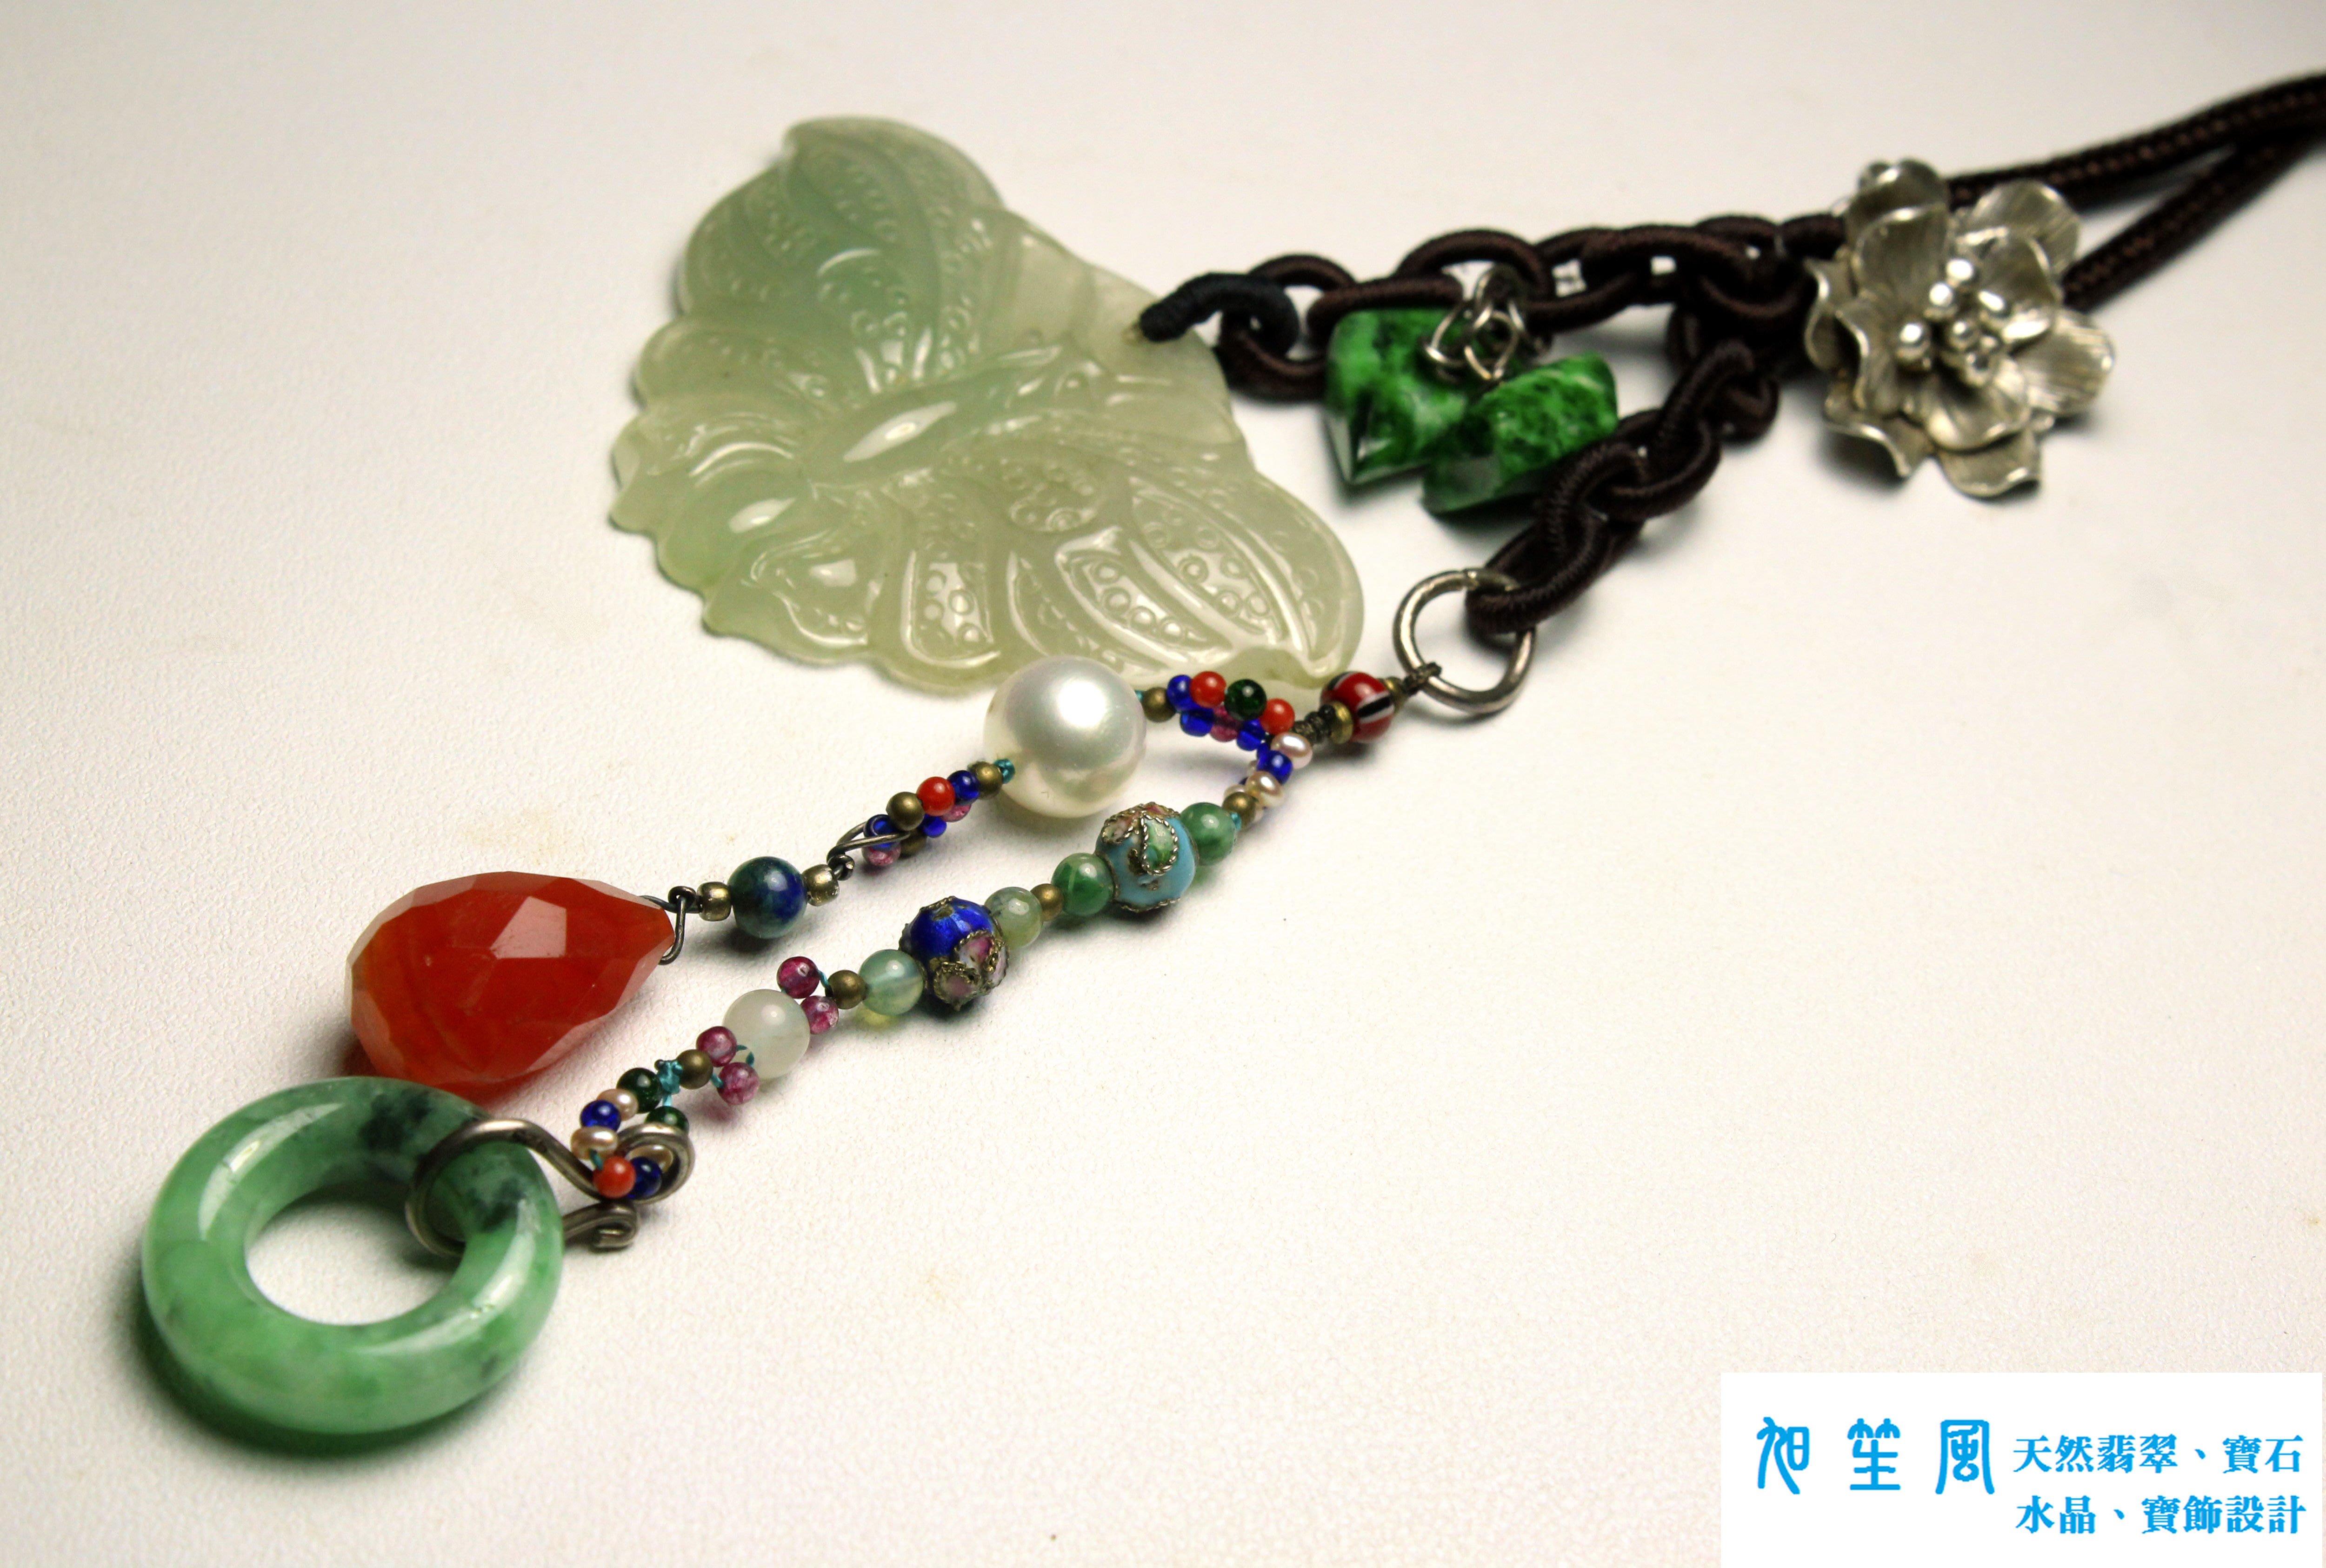 【旭笙風】天然緬甸A貨冰種放光翡翠「福蝶」創意設計吊飾